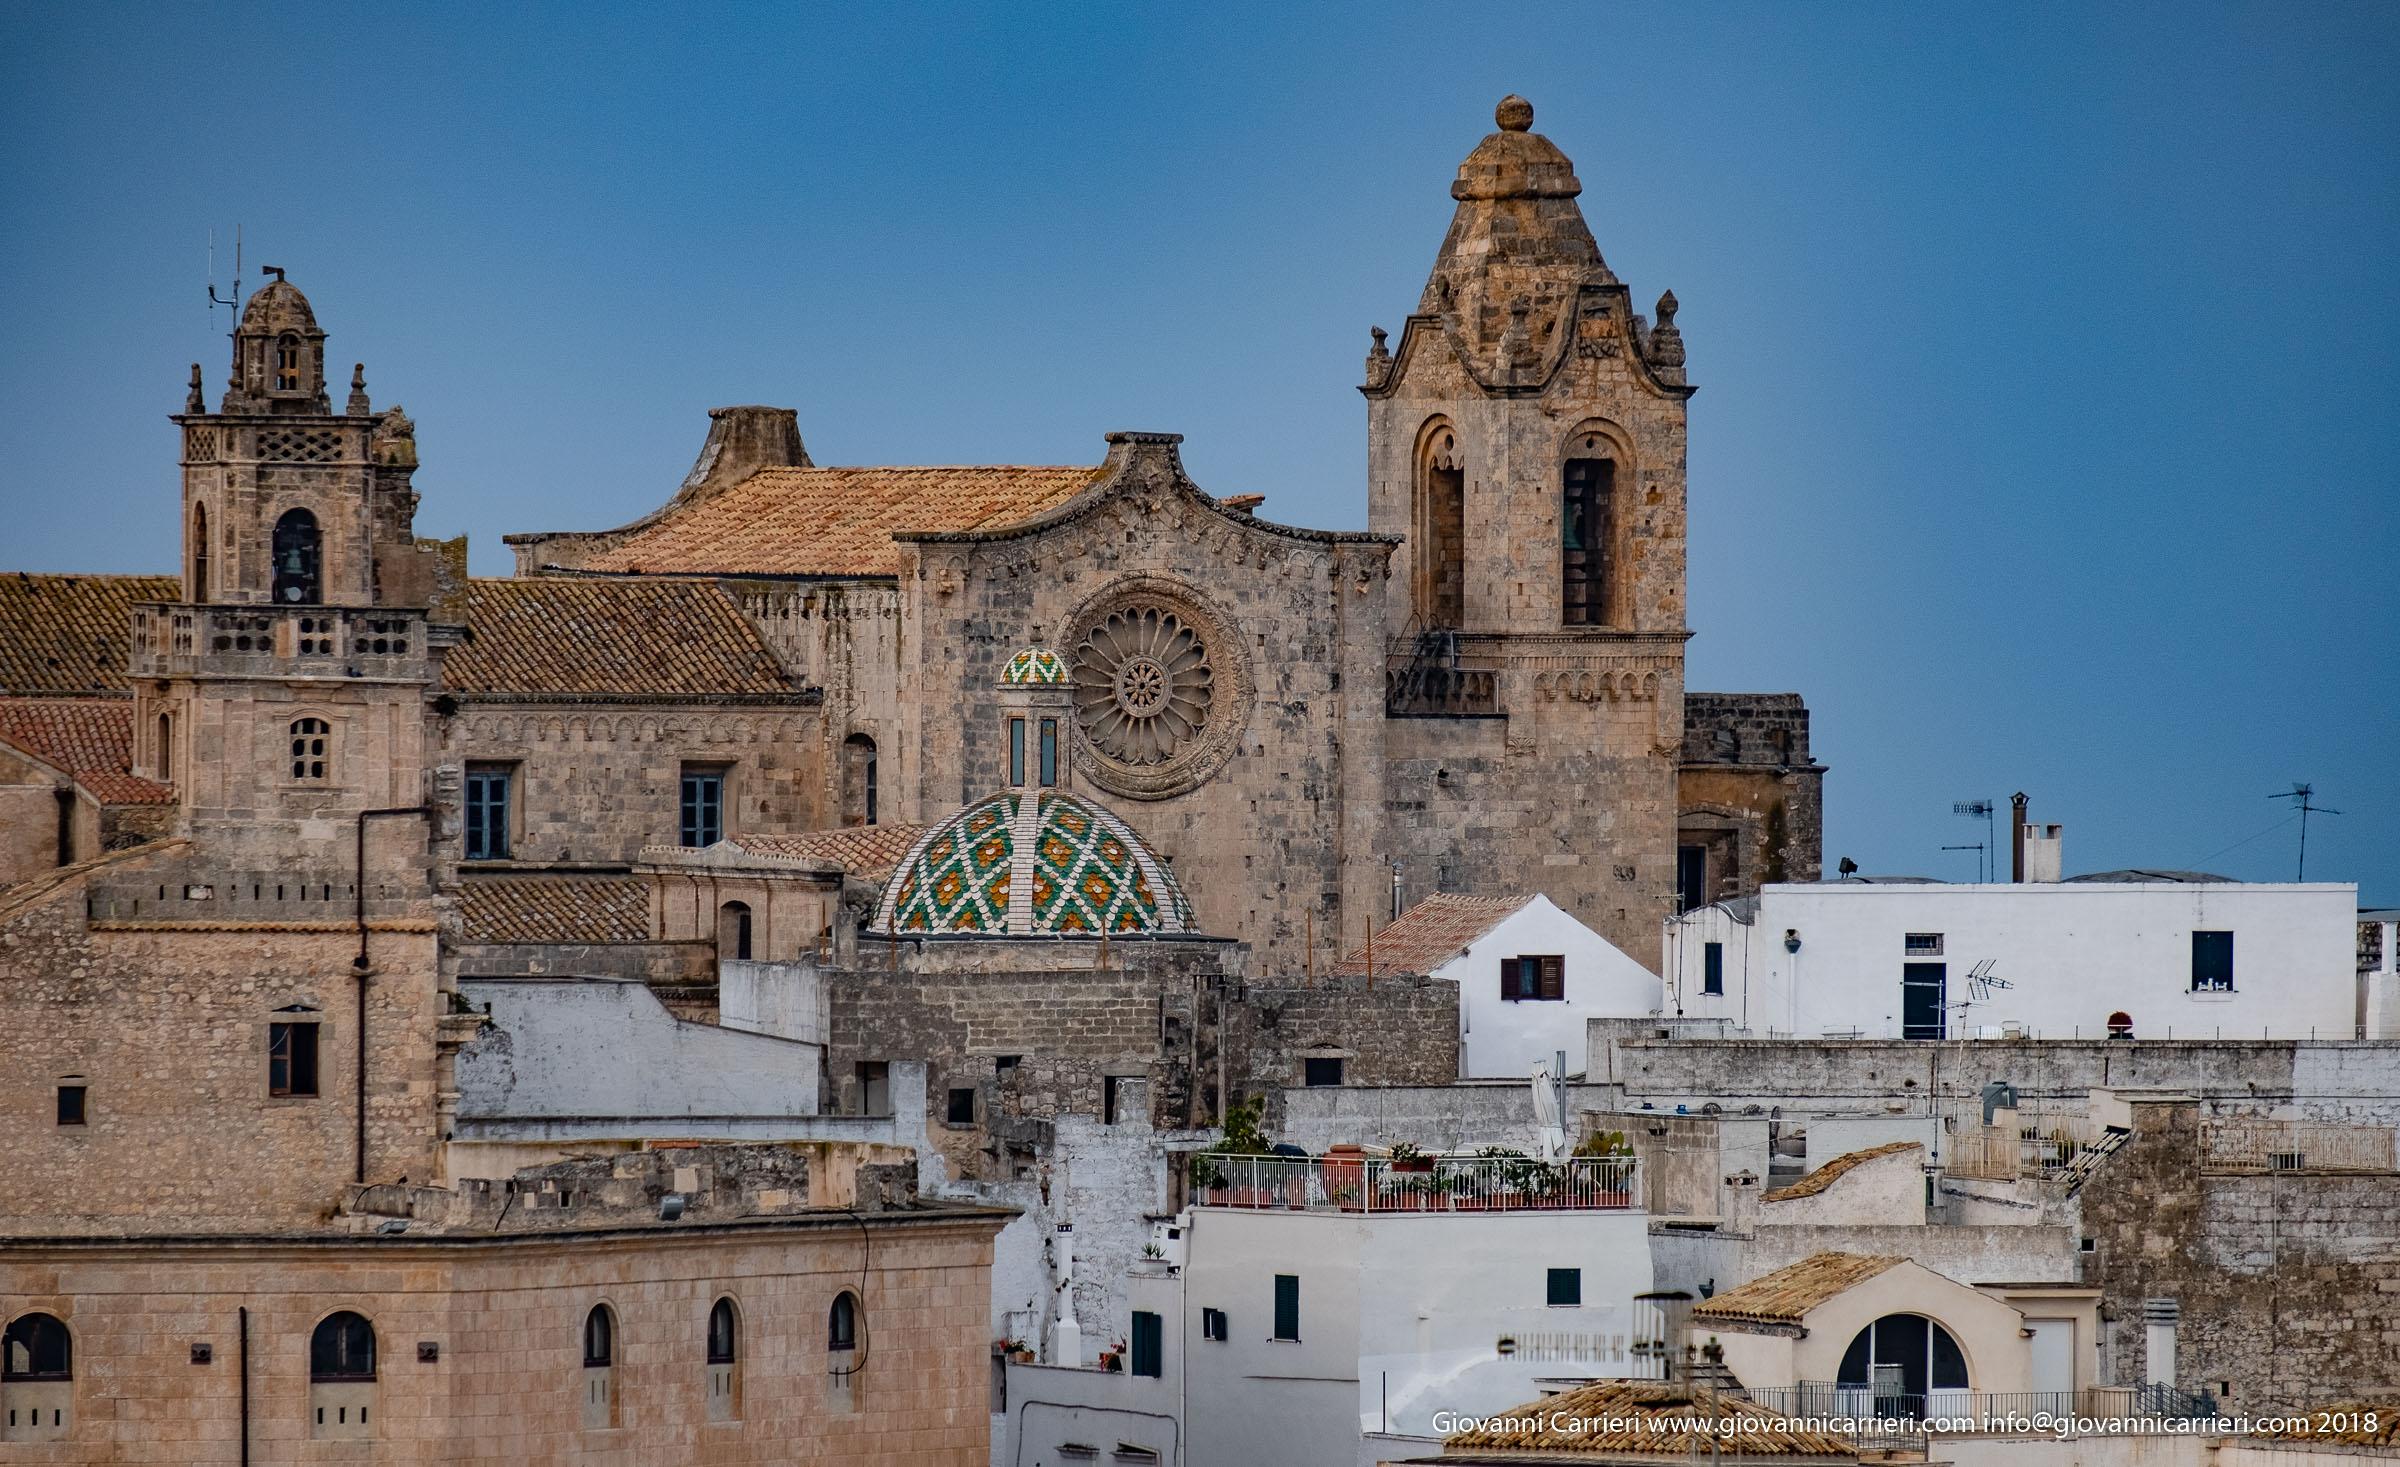 La cupola della Cattedrale di Ostuni